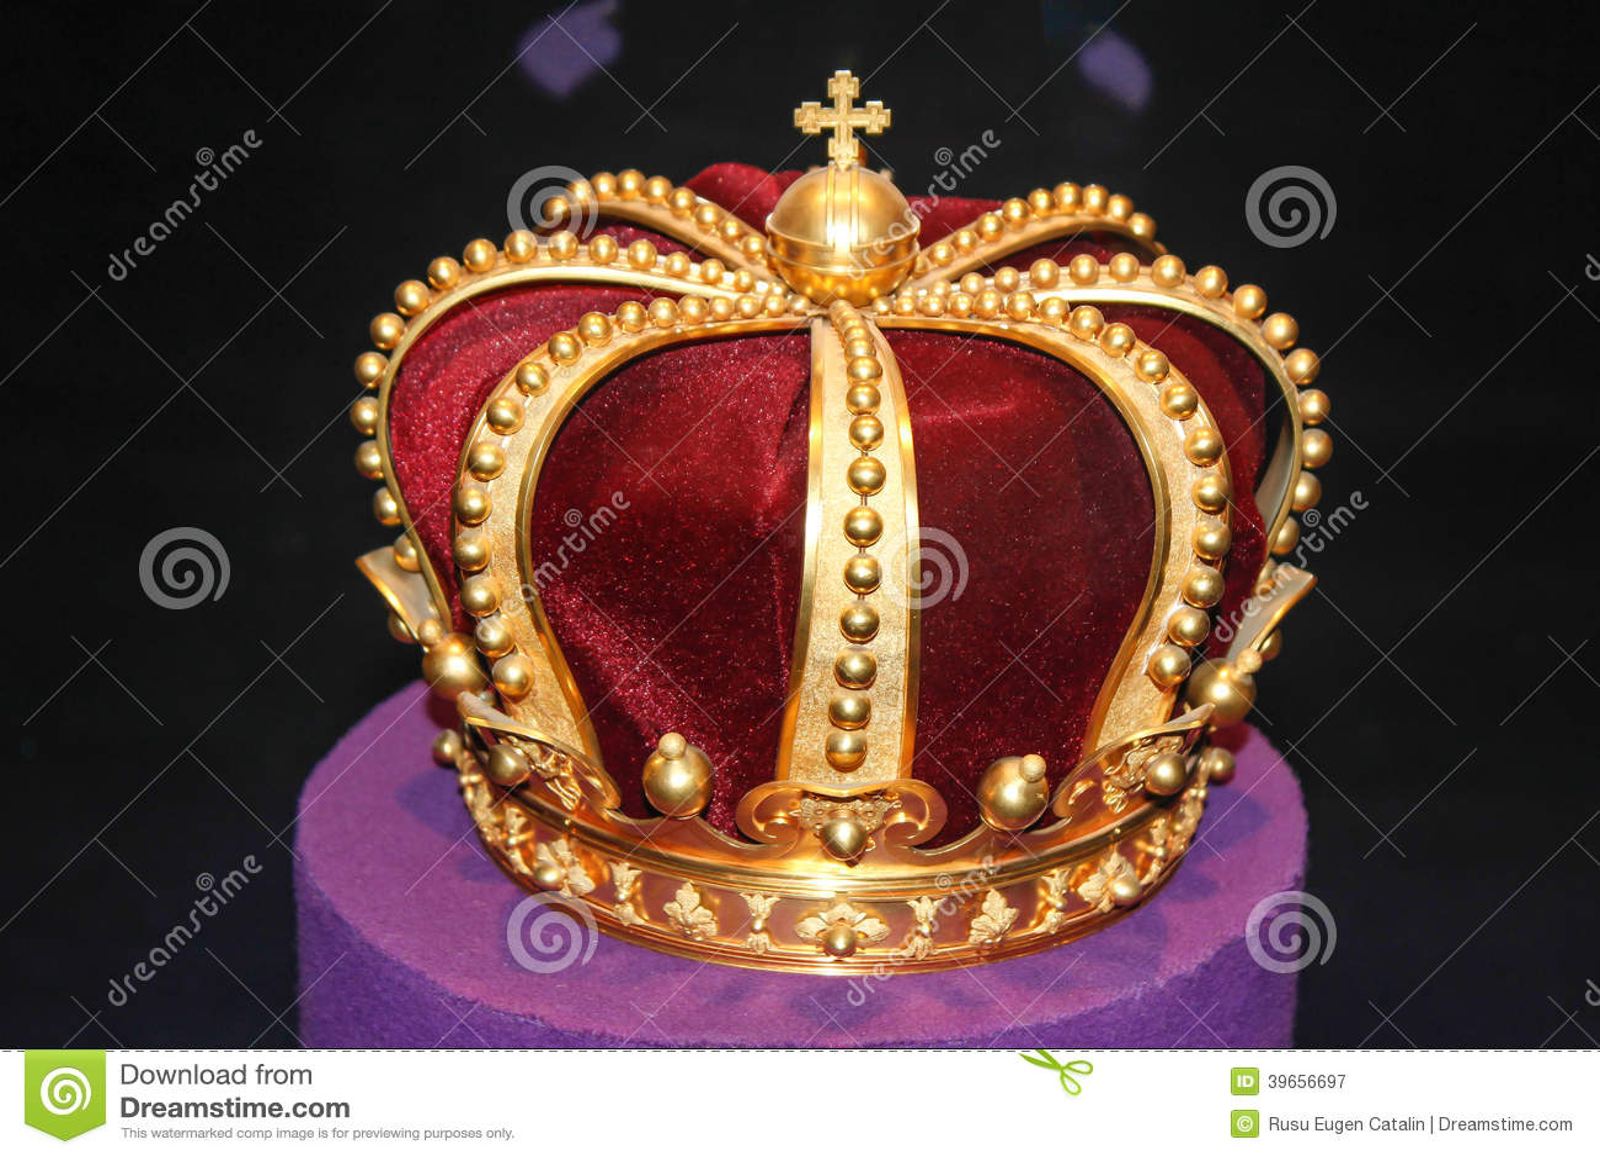 Βασιλική χρυσή κορώνα